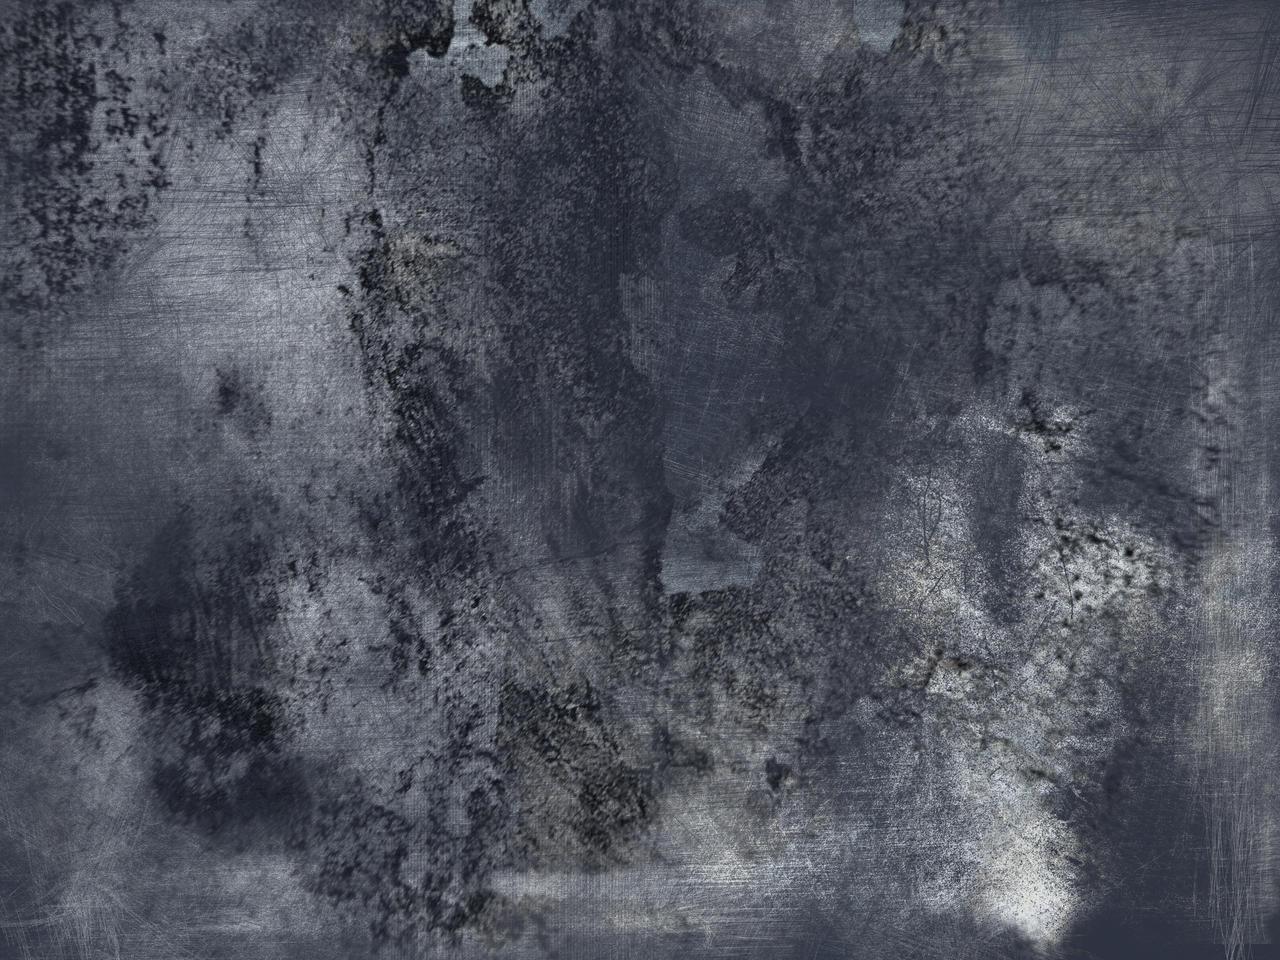 ROTTEN - Handmade Texture 1